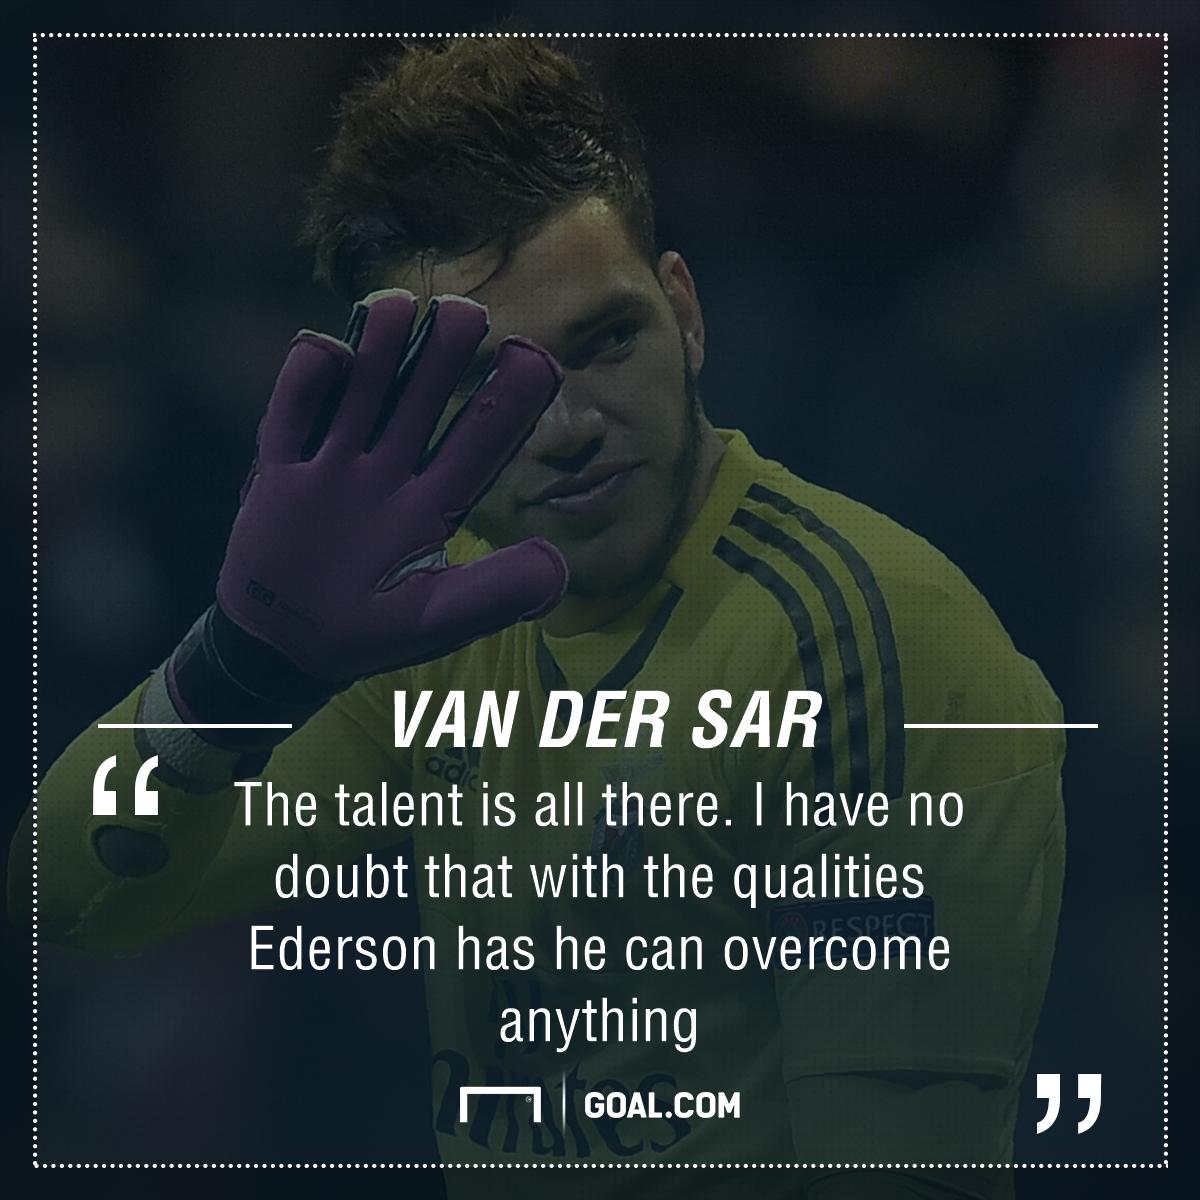 GFX Info Ederson Moraes Benfica Van der Sar quote